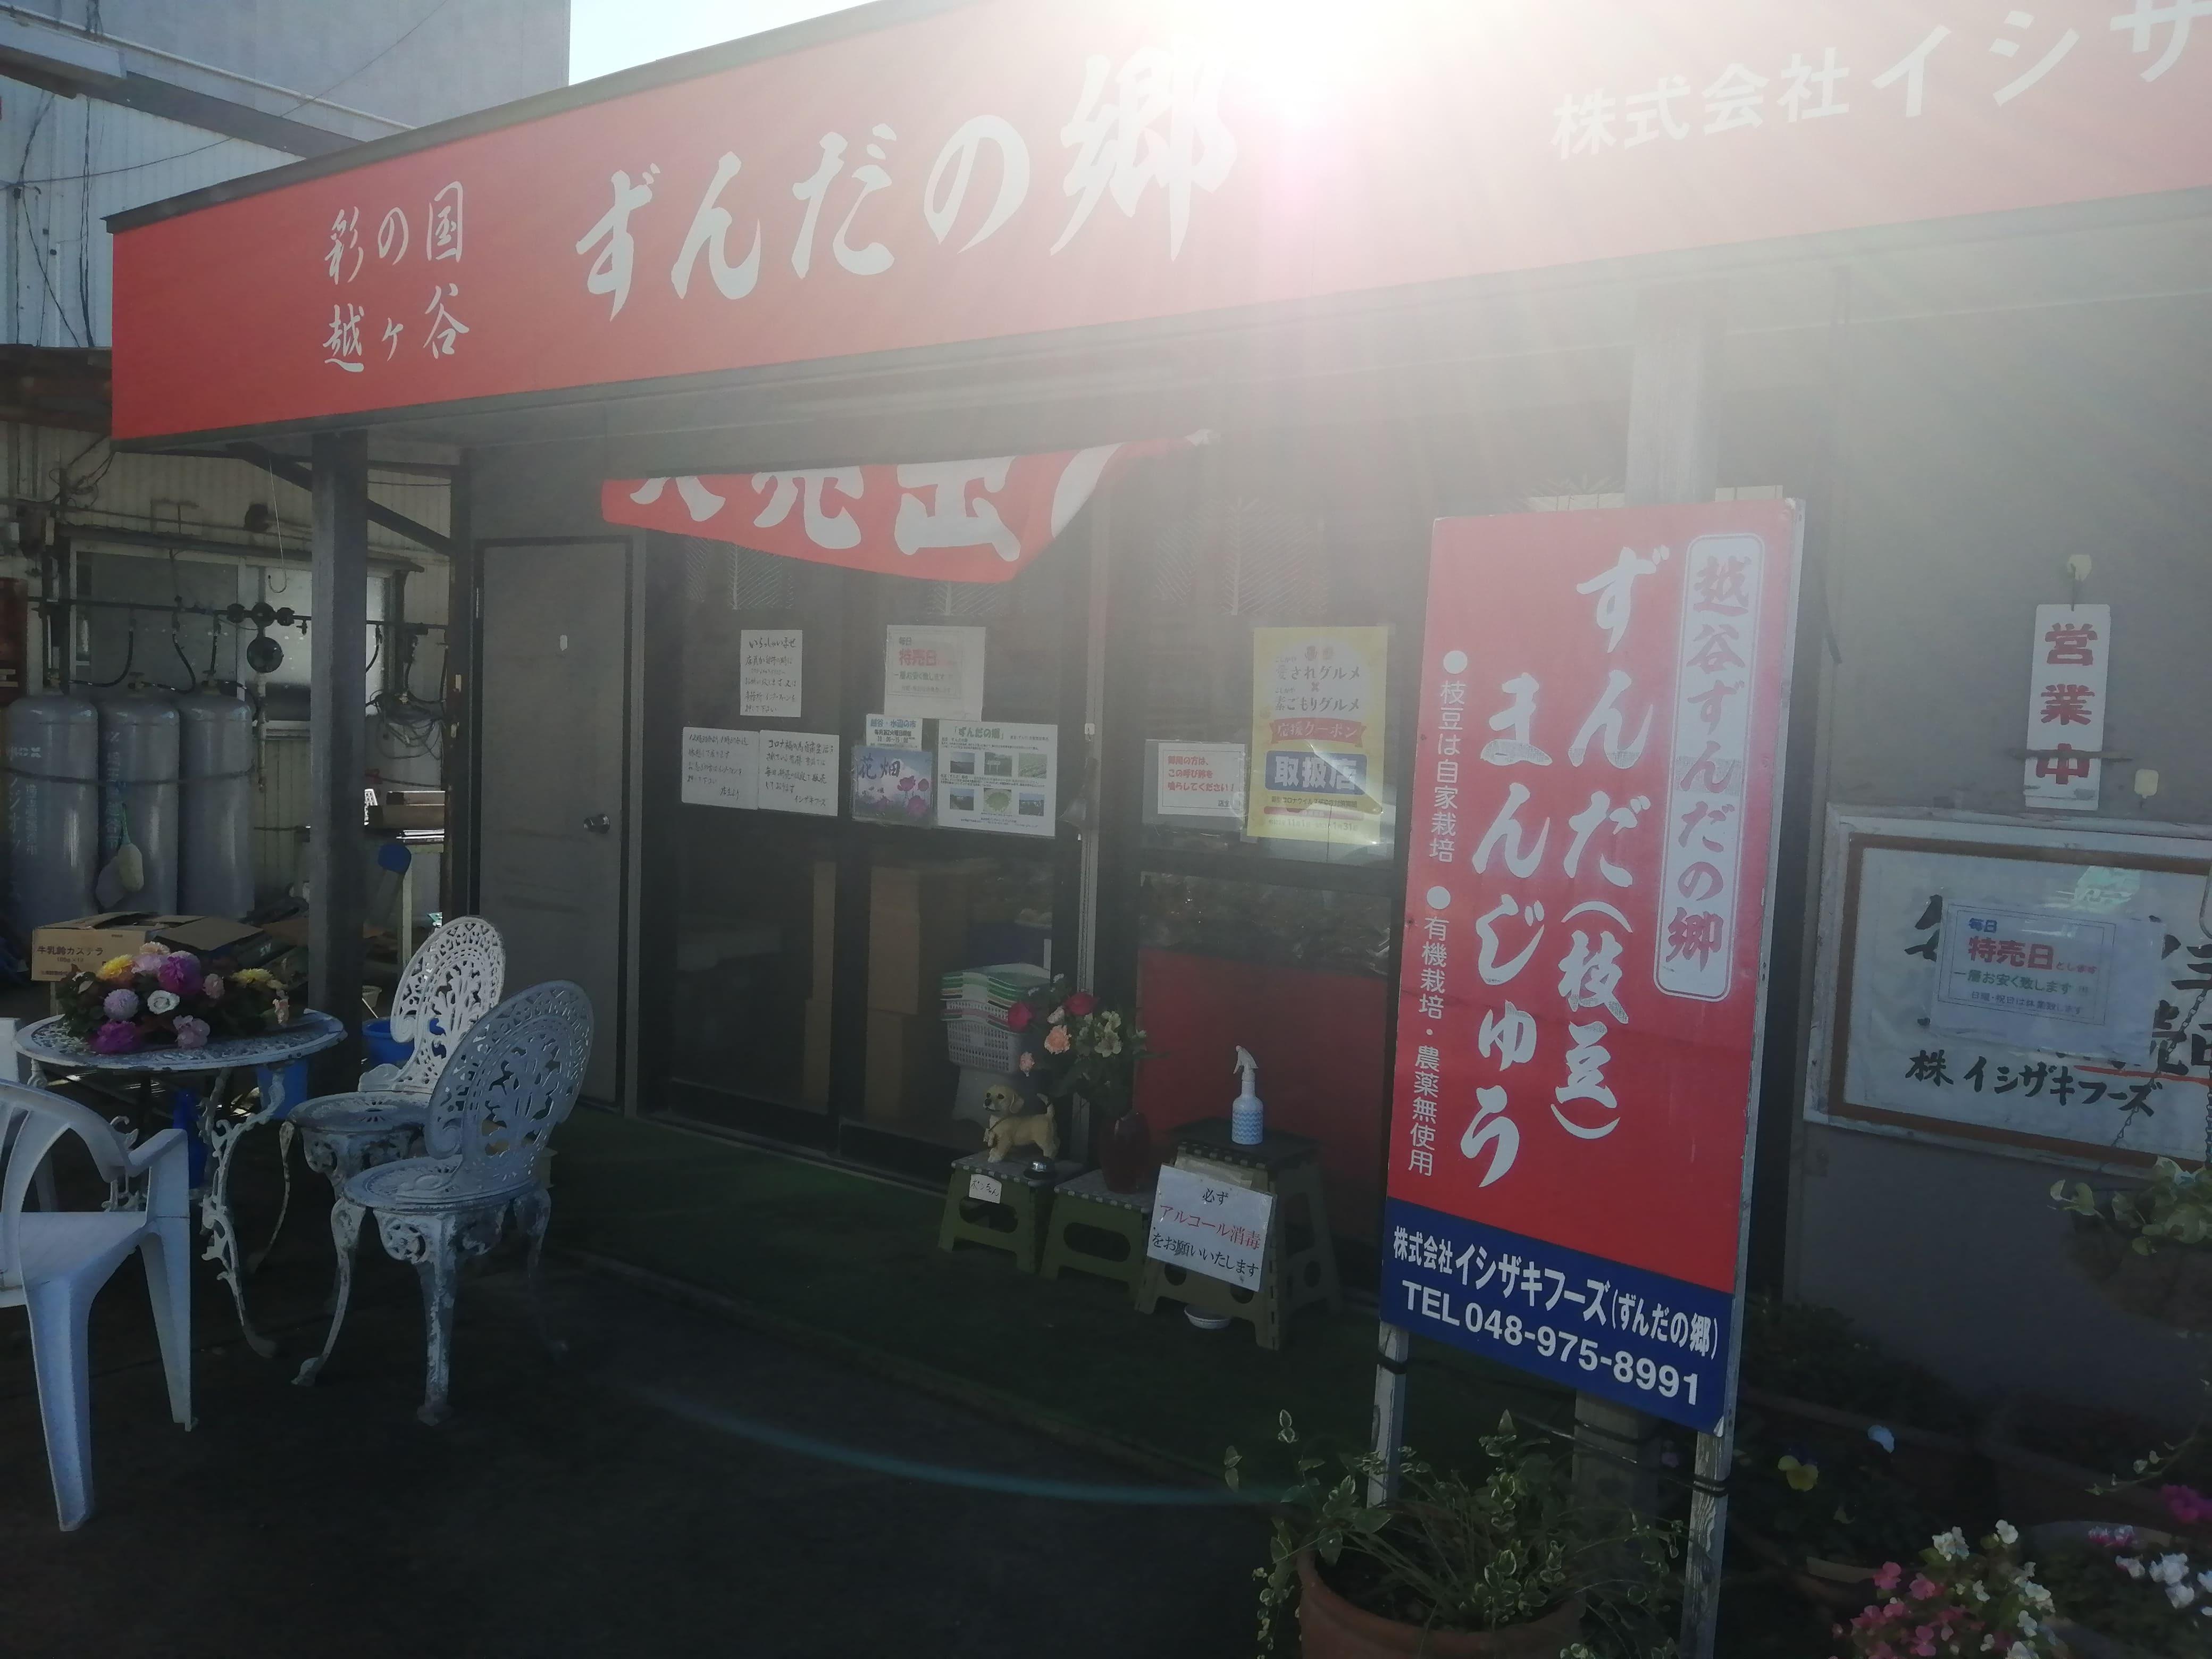 【越谷・ずんだの郷】株式会社イシザキ・フーズの工場直売所